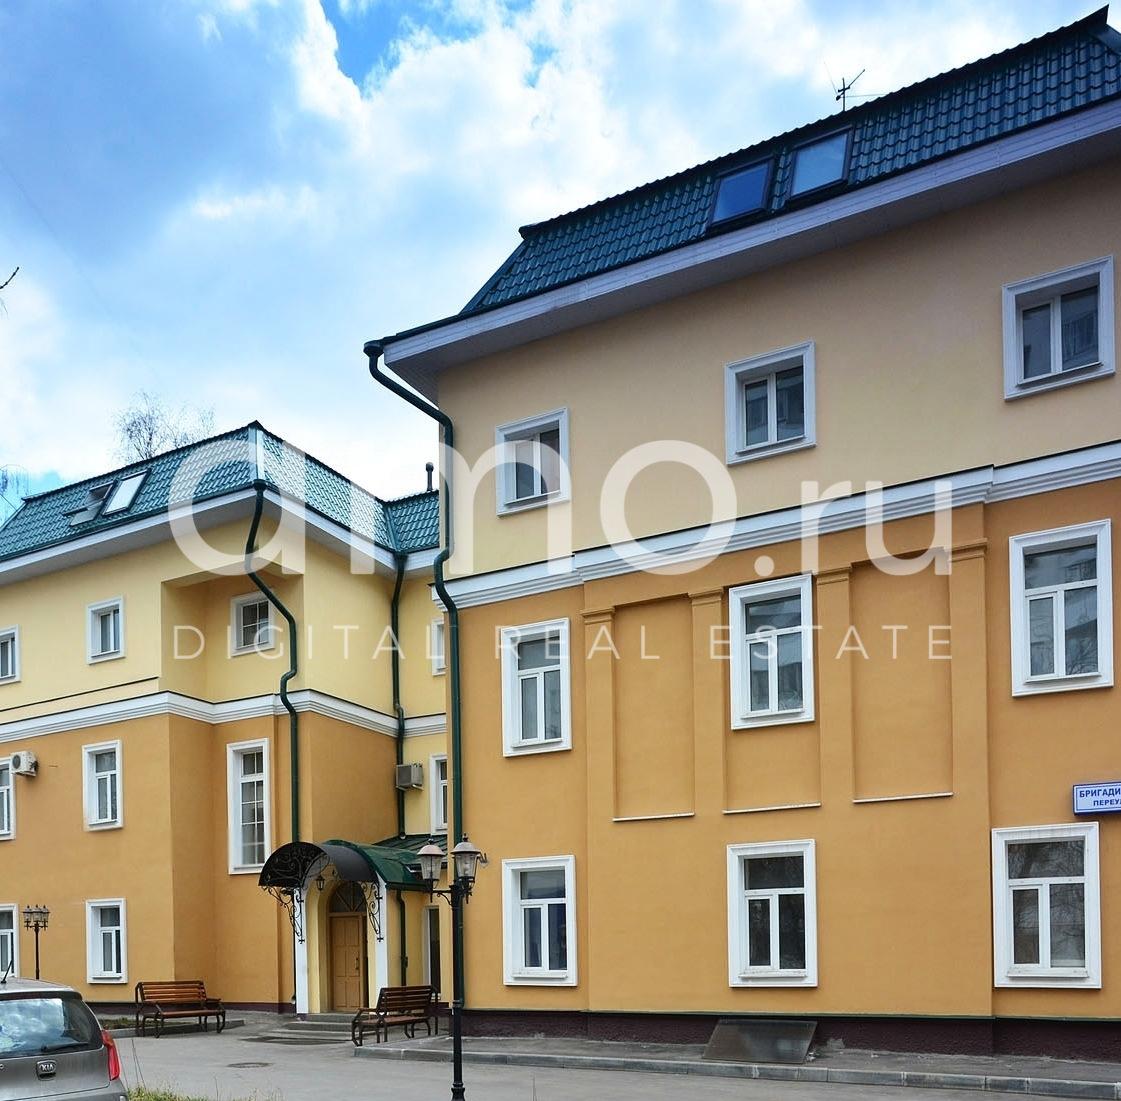 цены на коммерческую недвижимость в астане на